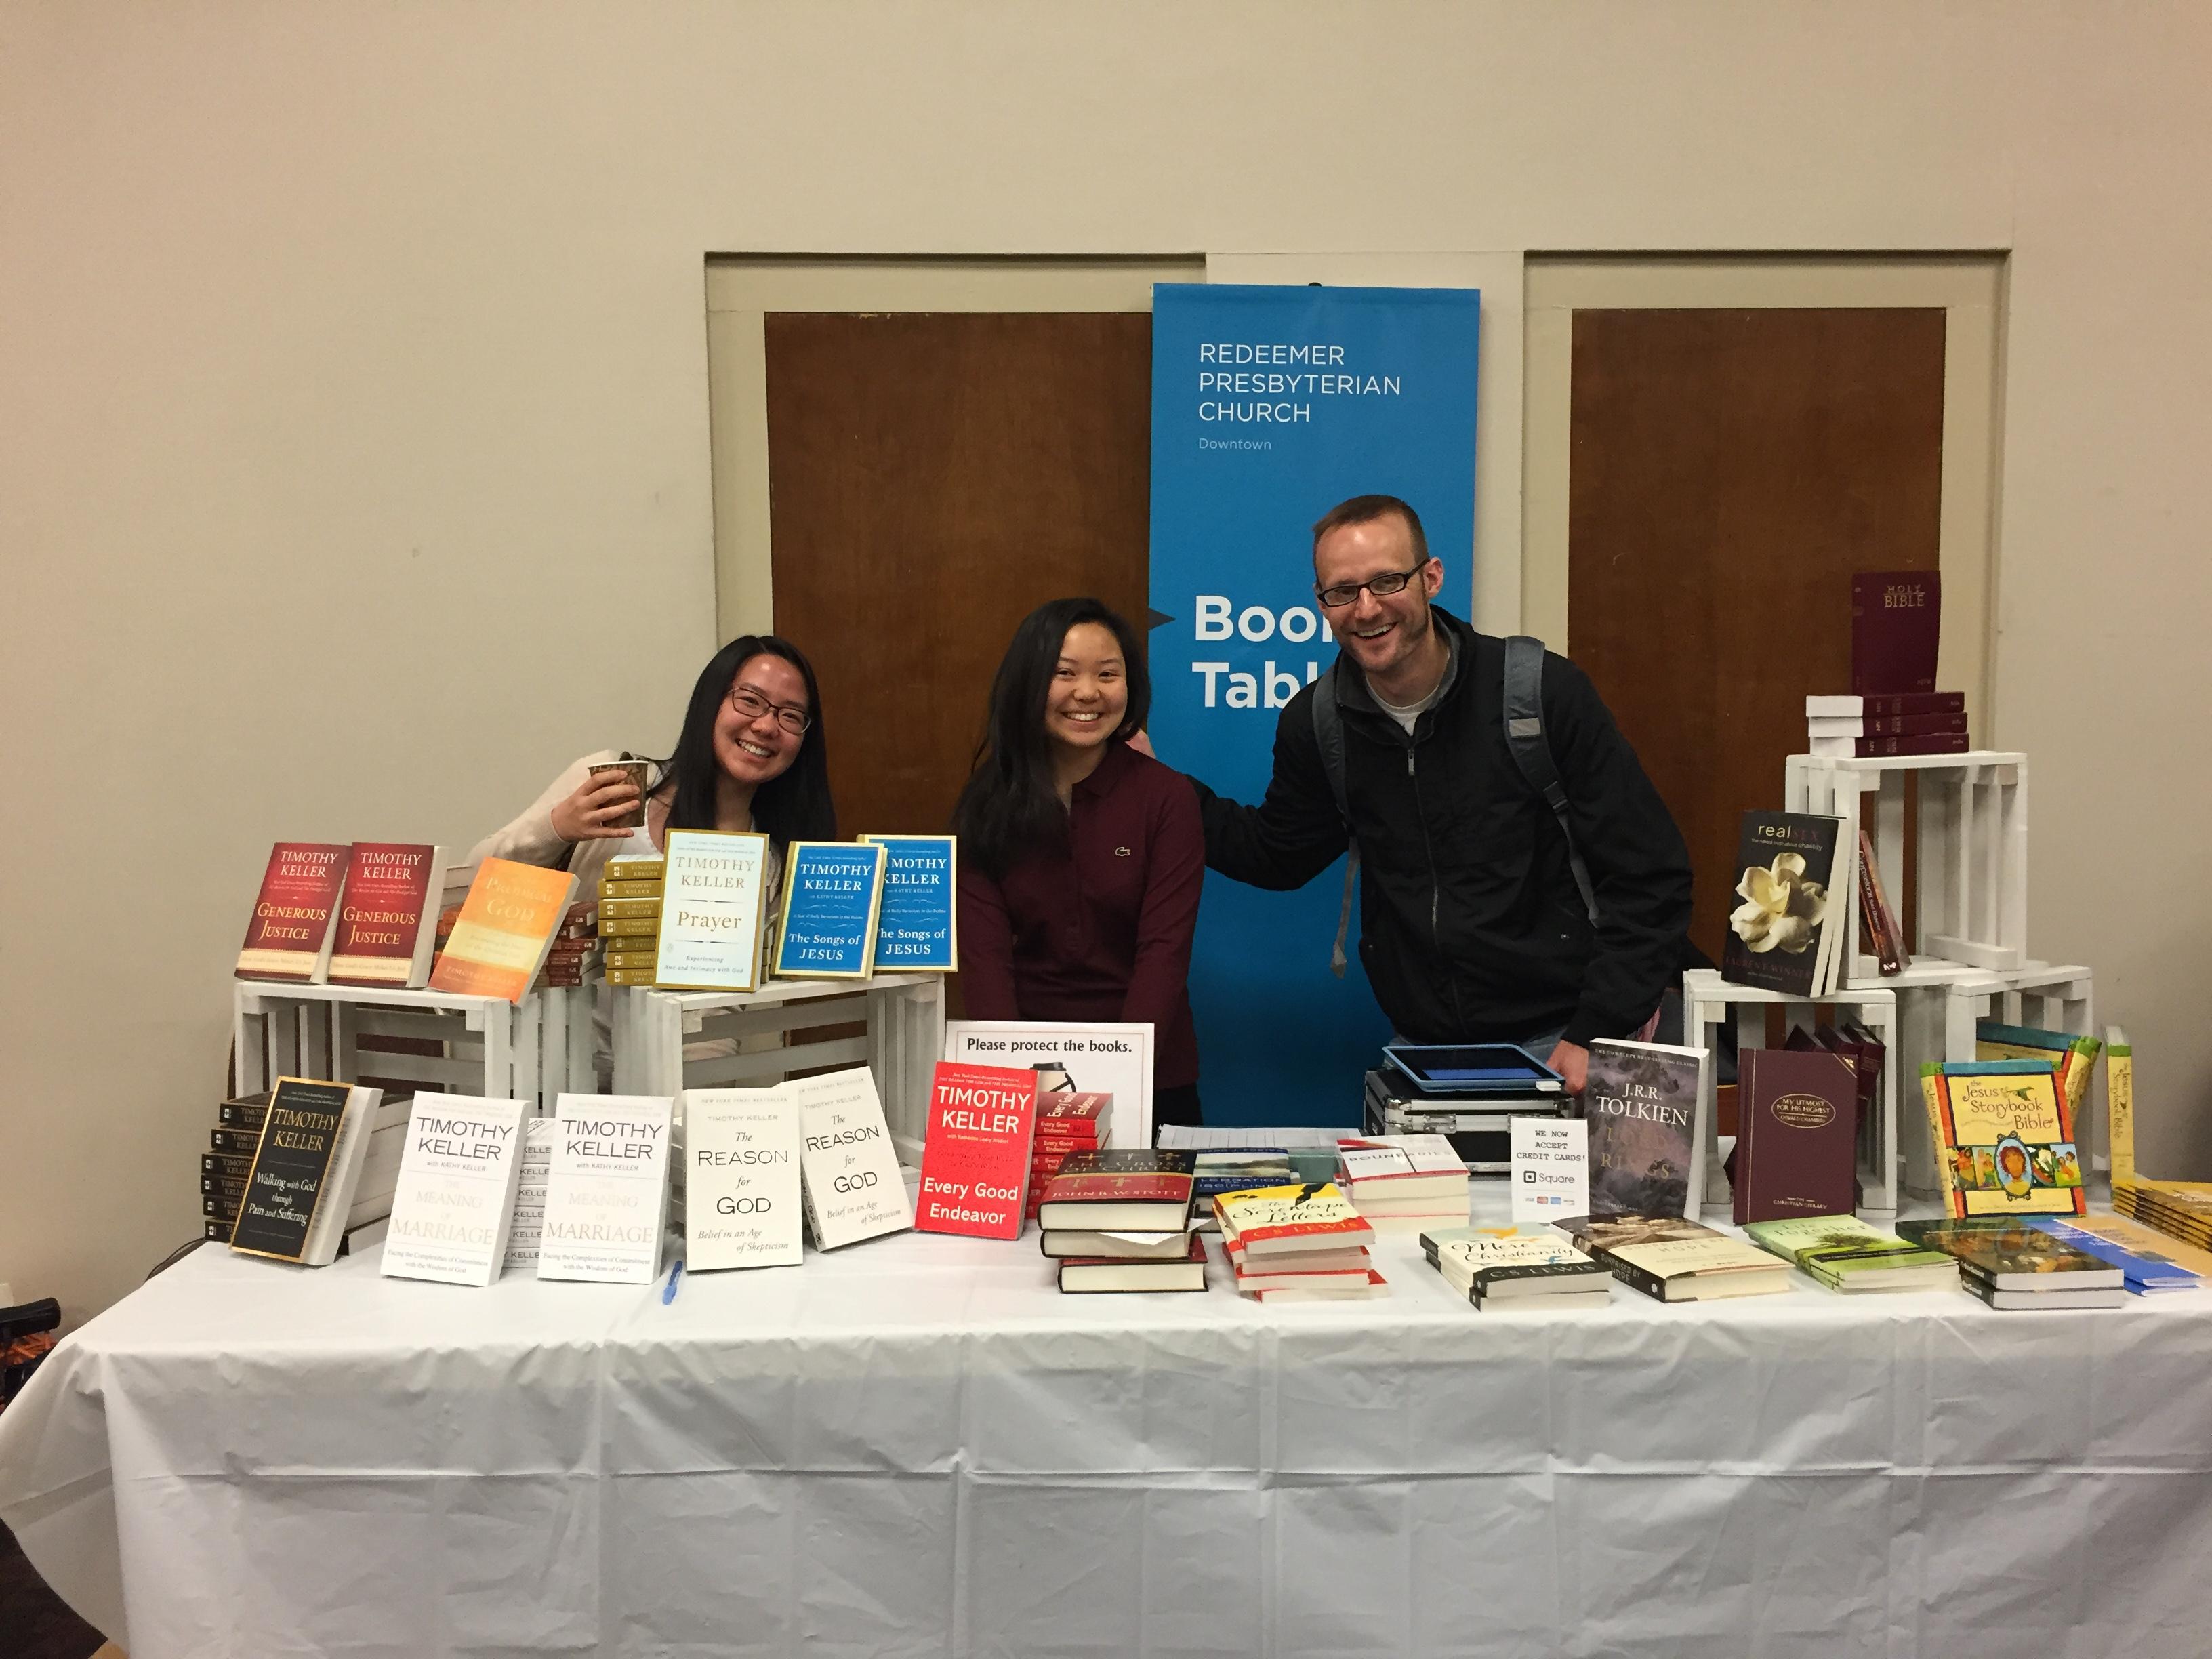 Redeemer Book Stall